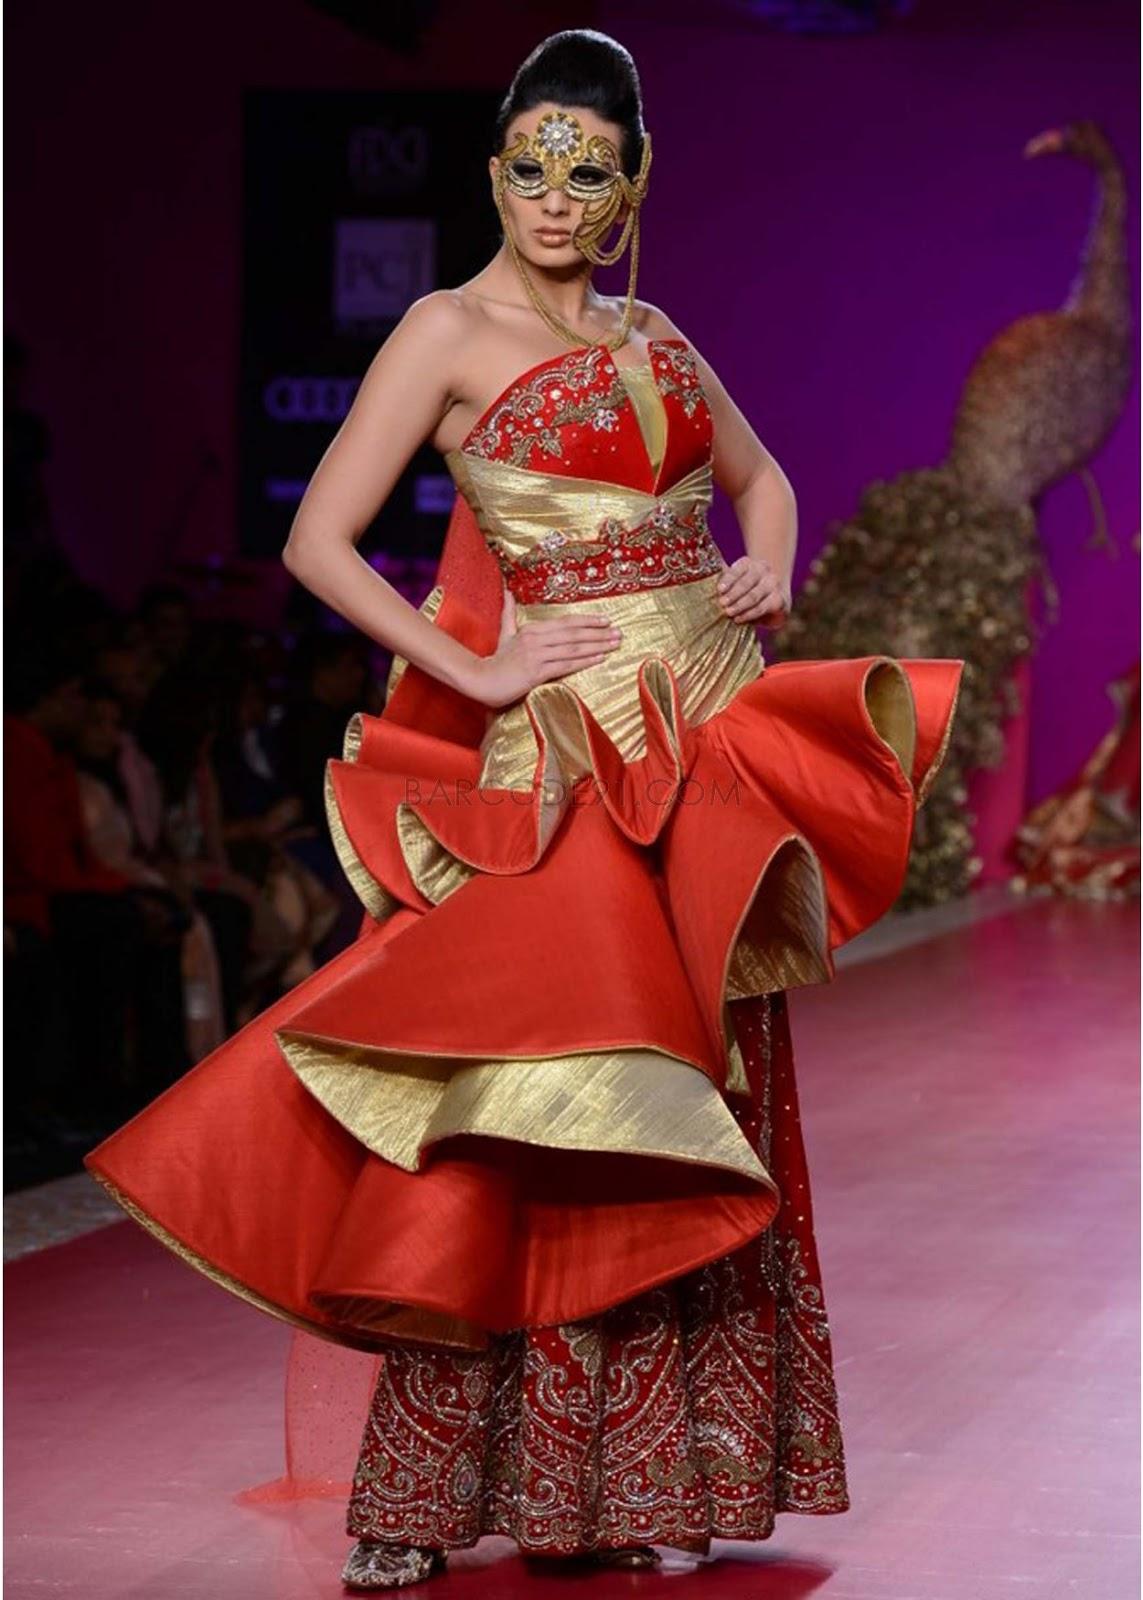 Ritu Beri Collection at PCJ Delhi - 210.9KB